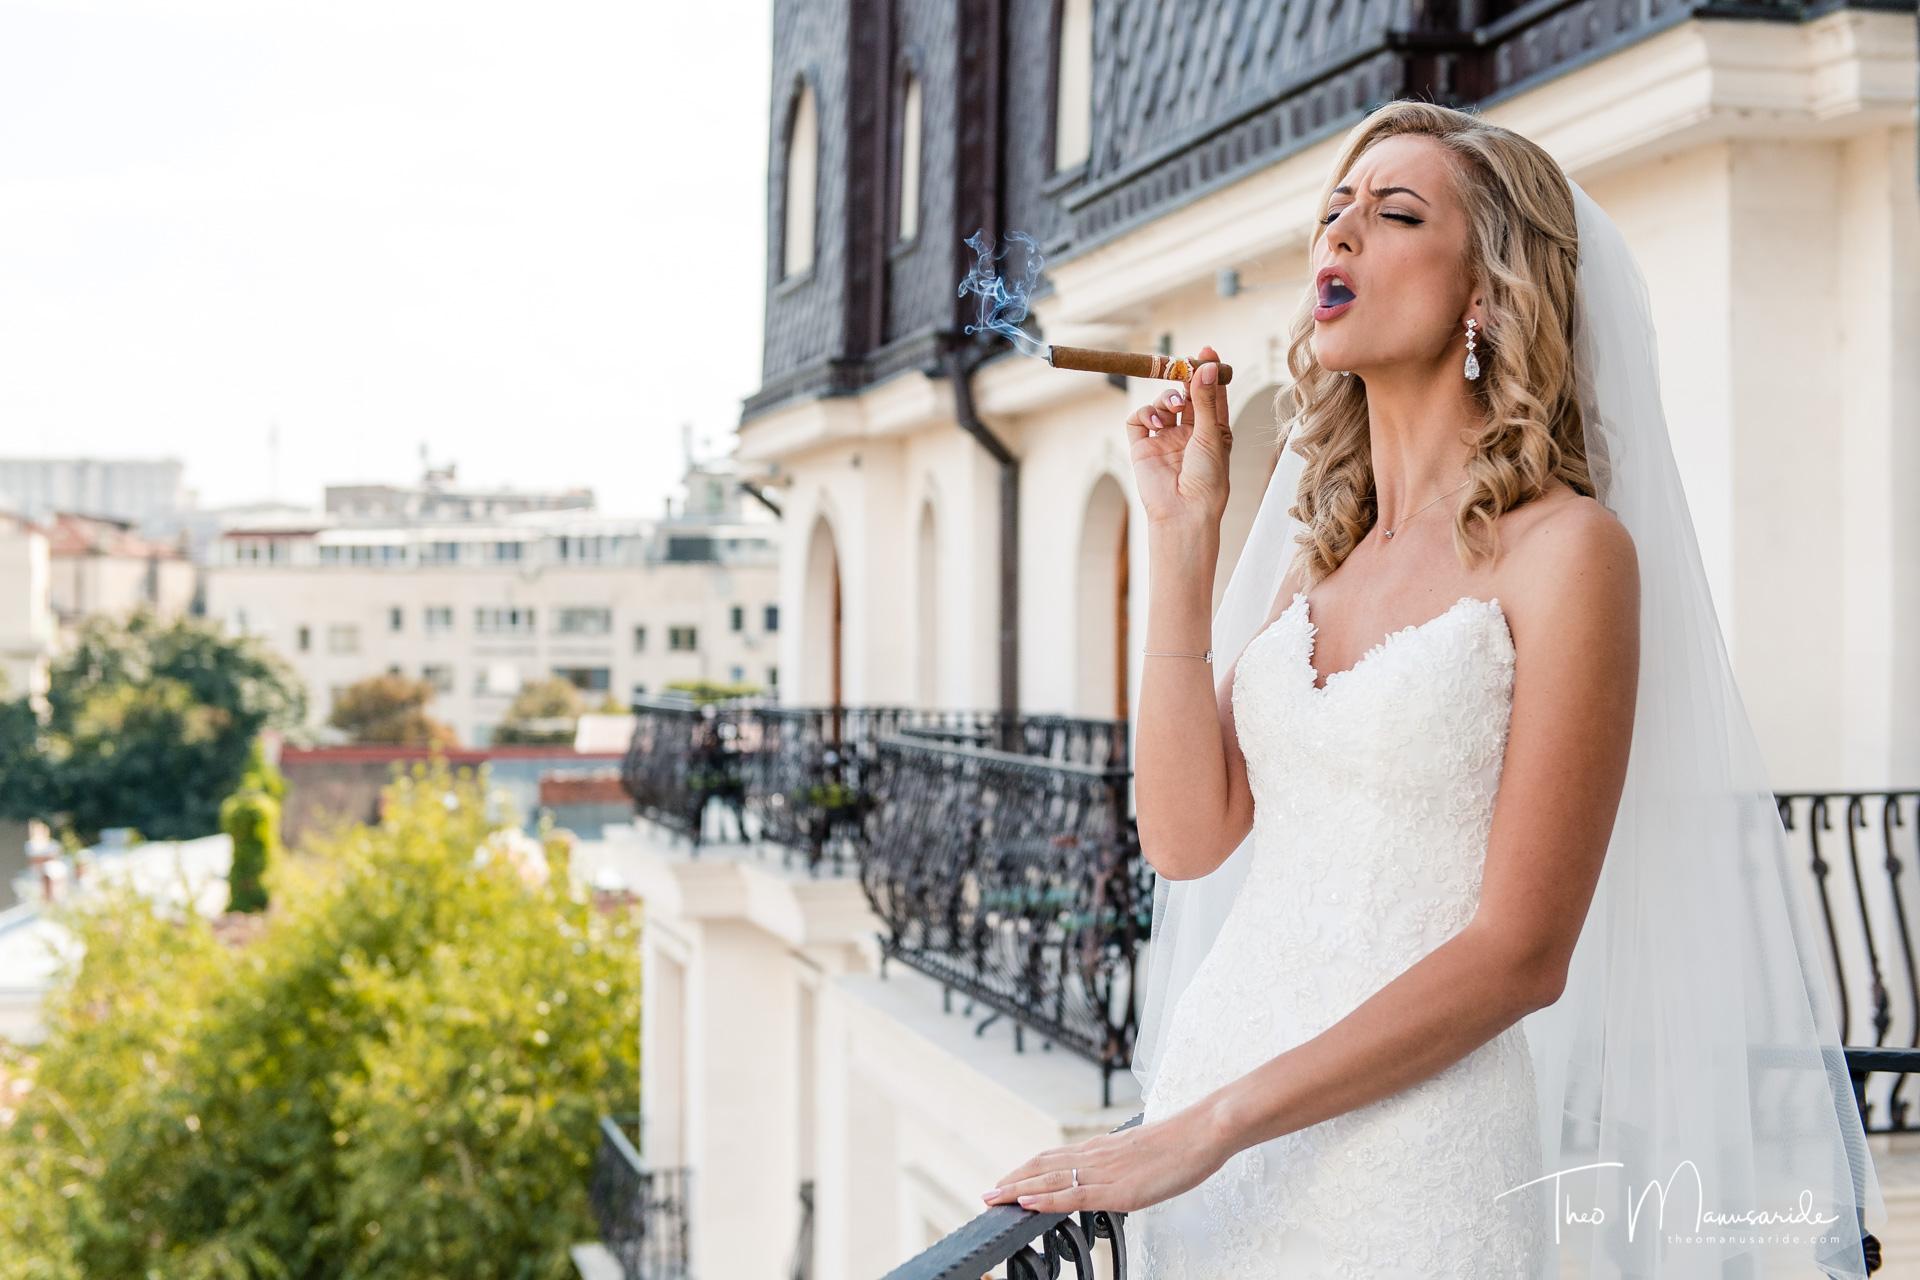 fotograf-nunta-18-lounge-9